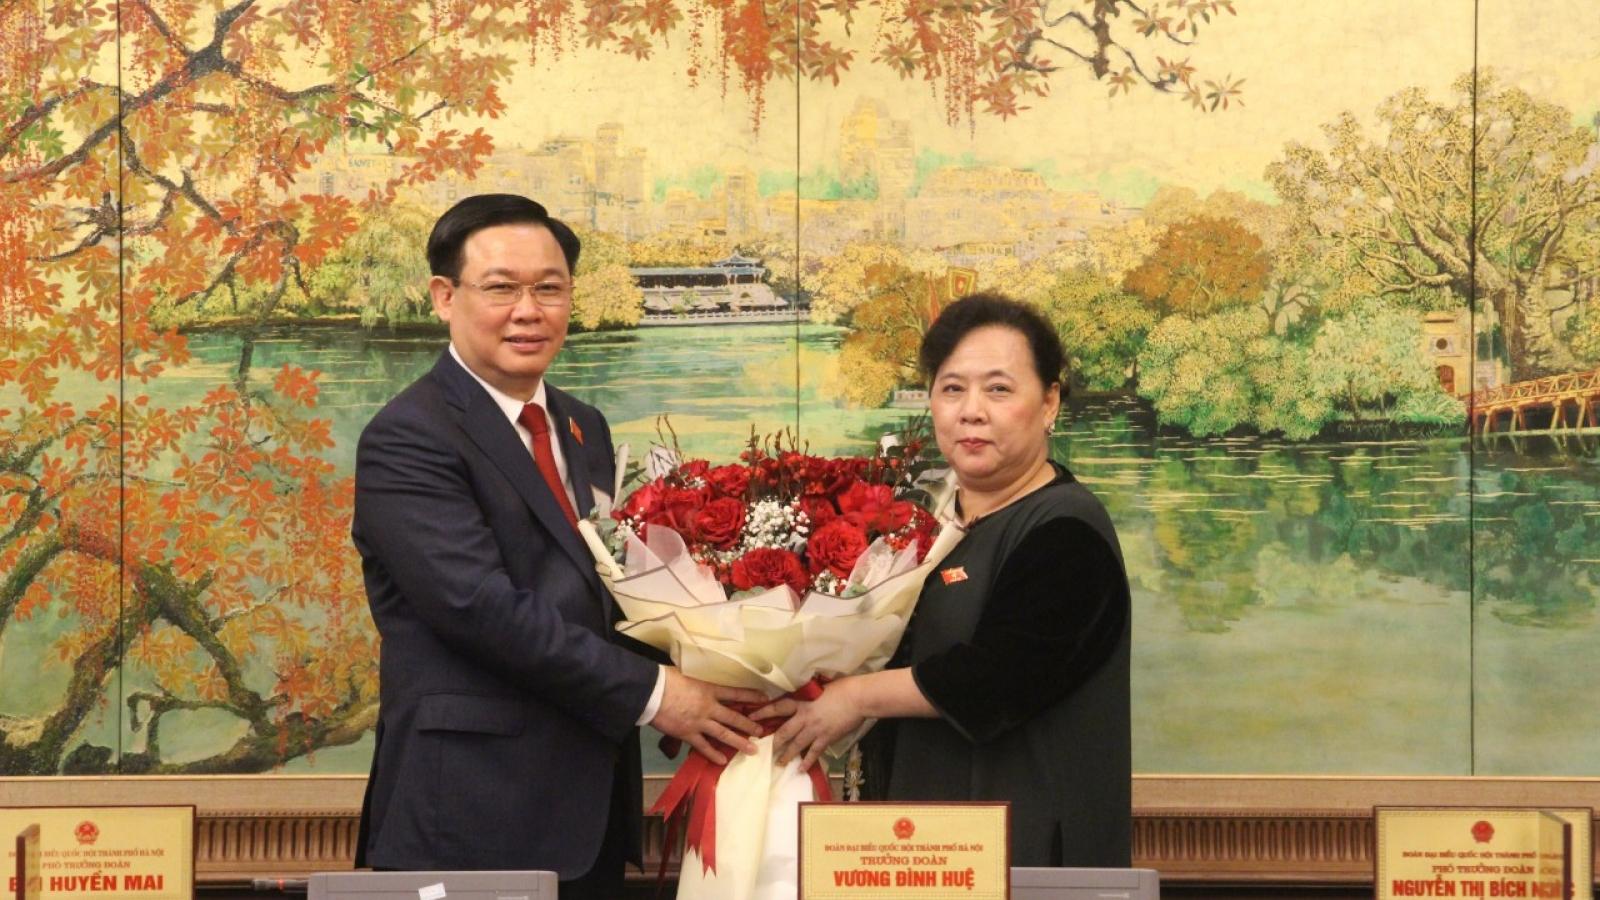 Đoàn ĐBQH TP Hà Nội chúc mừng tân Chủ tịch Quốc hội Vương Đình Huệ